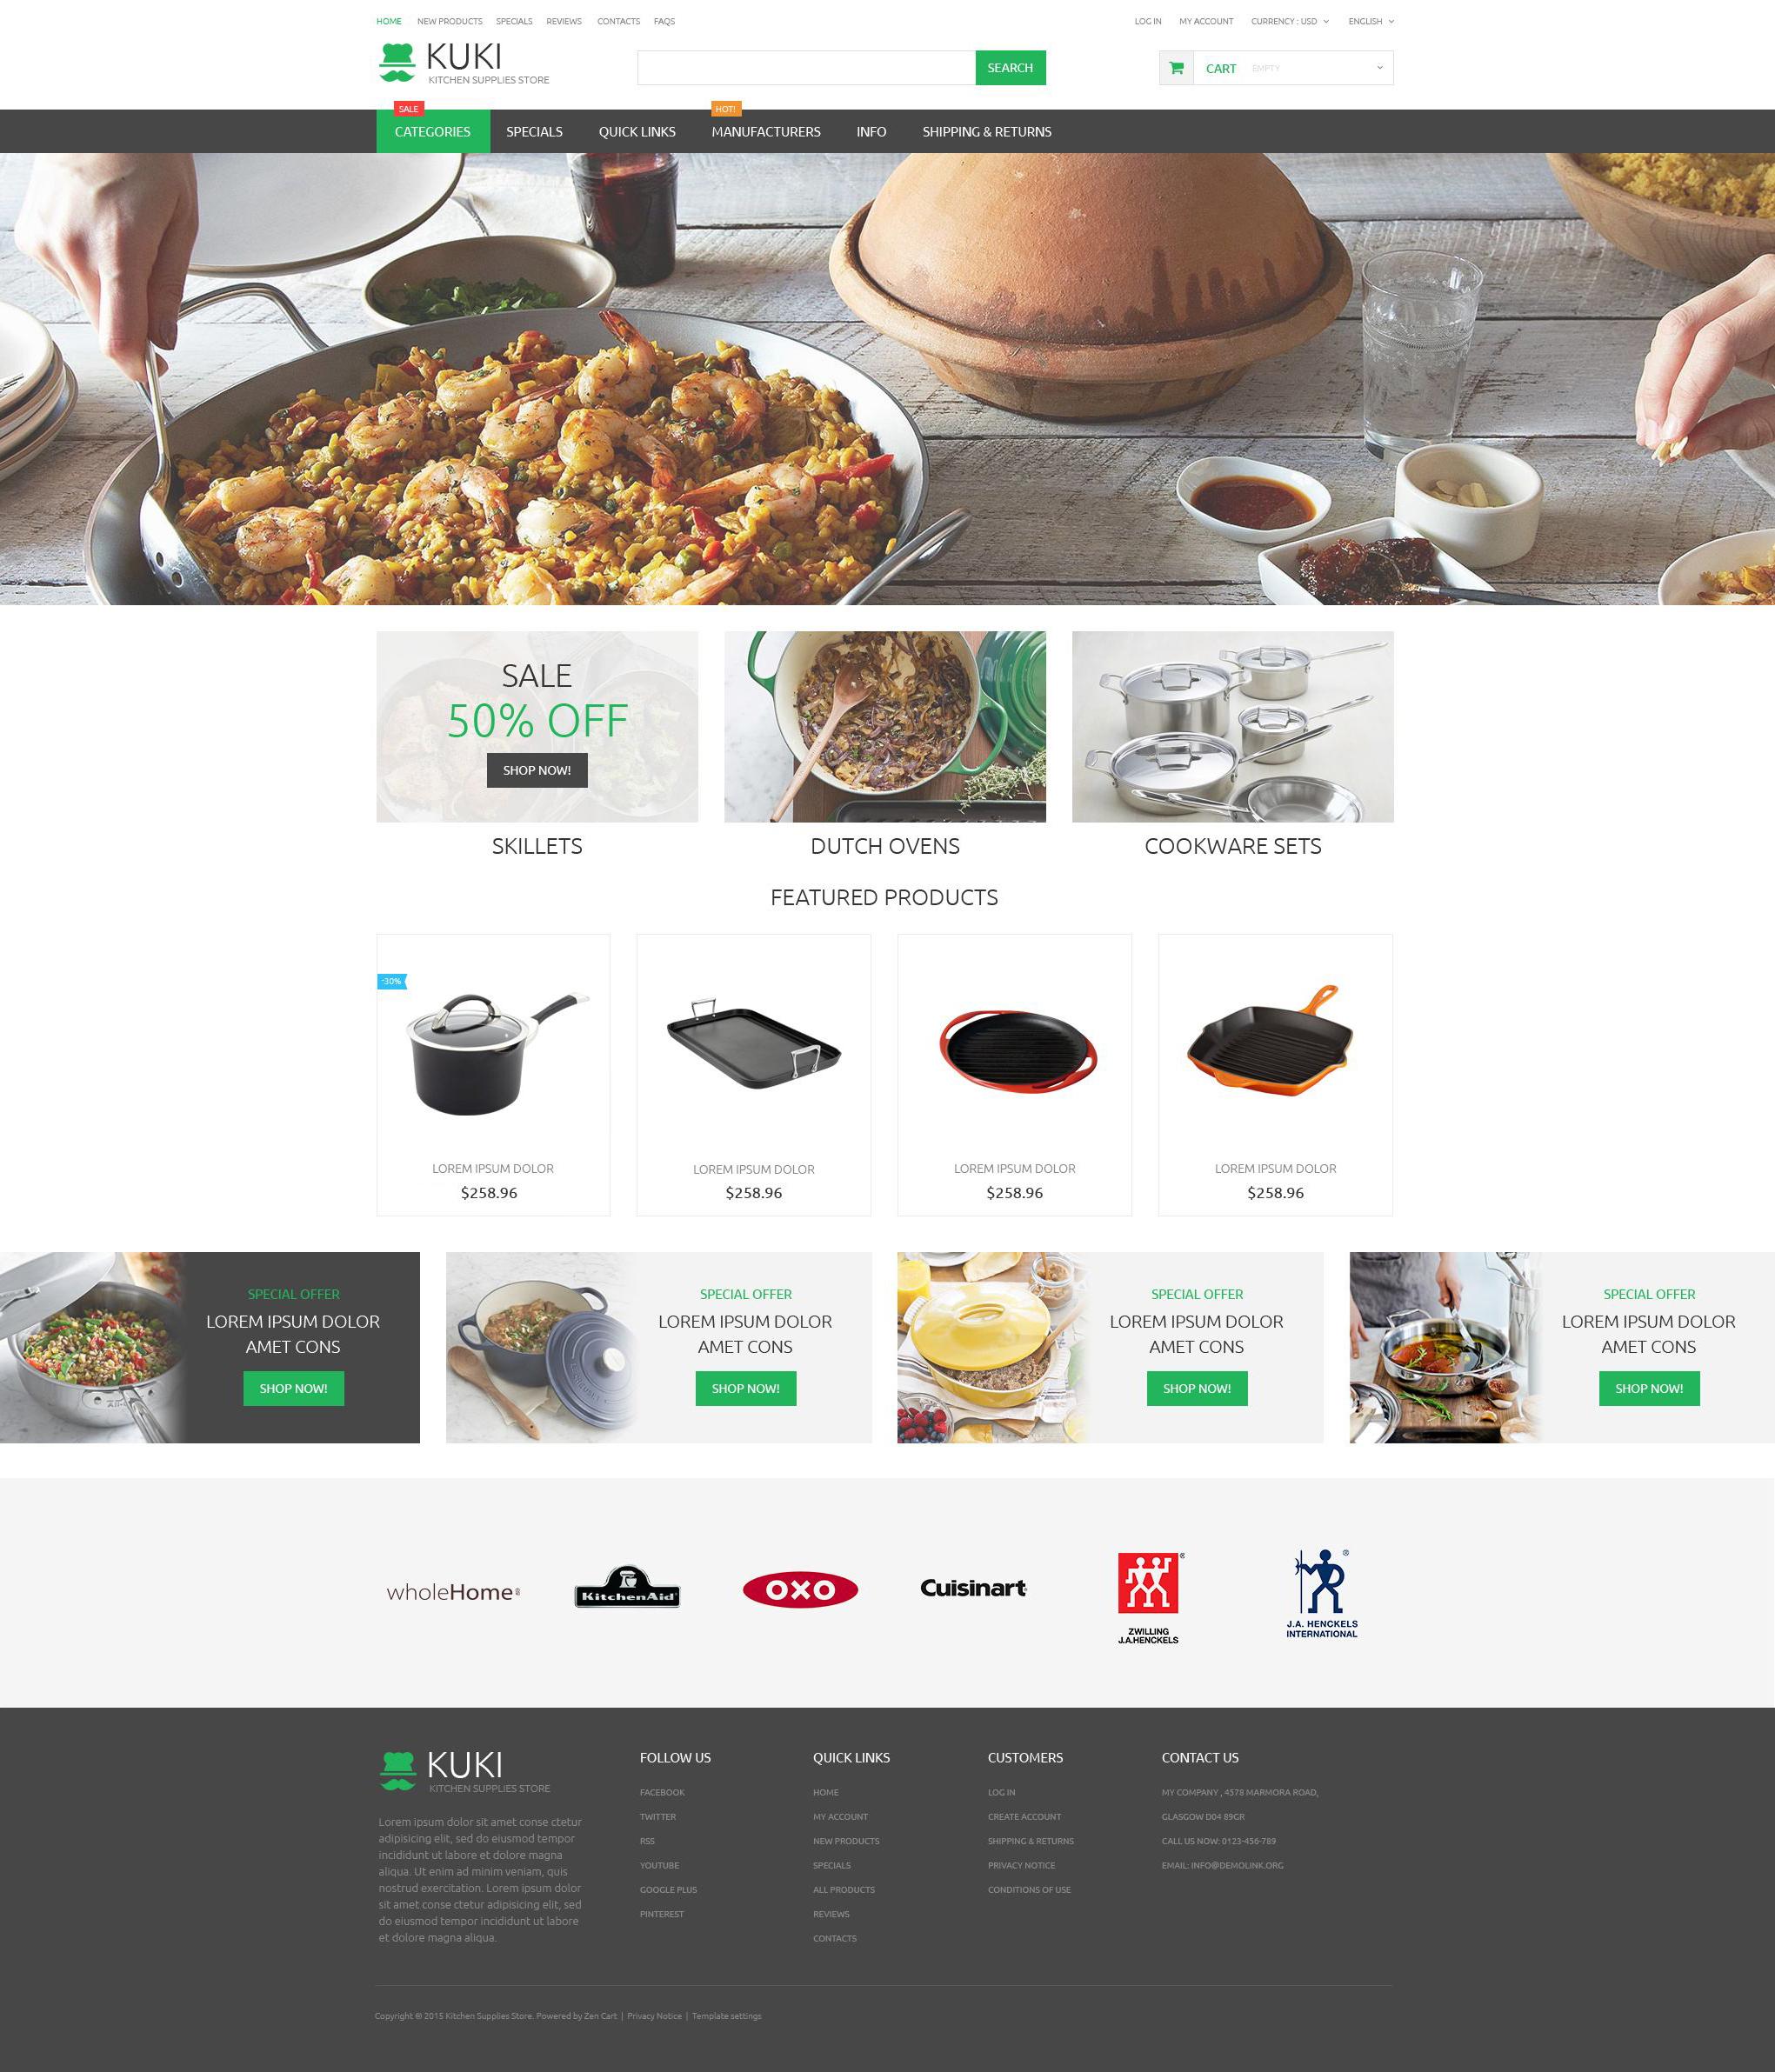 modello zencart per un sito di articoli per la casa